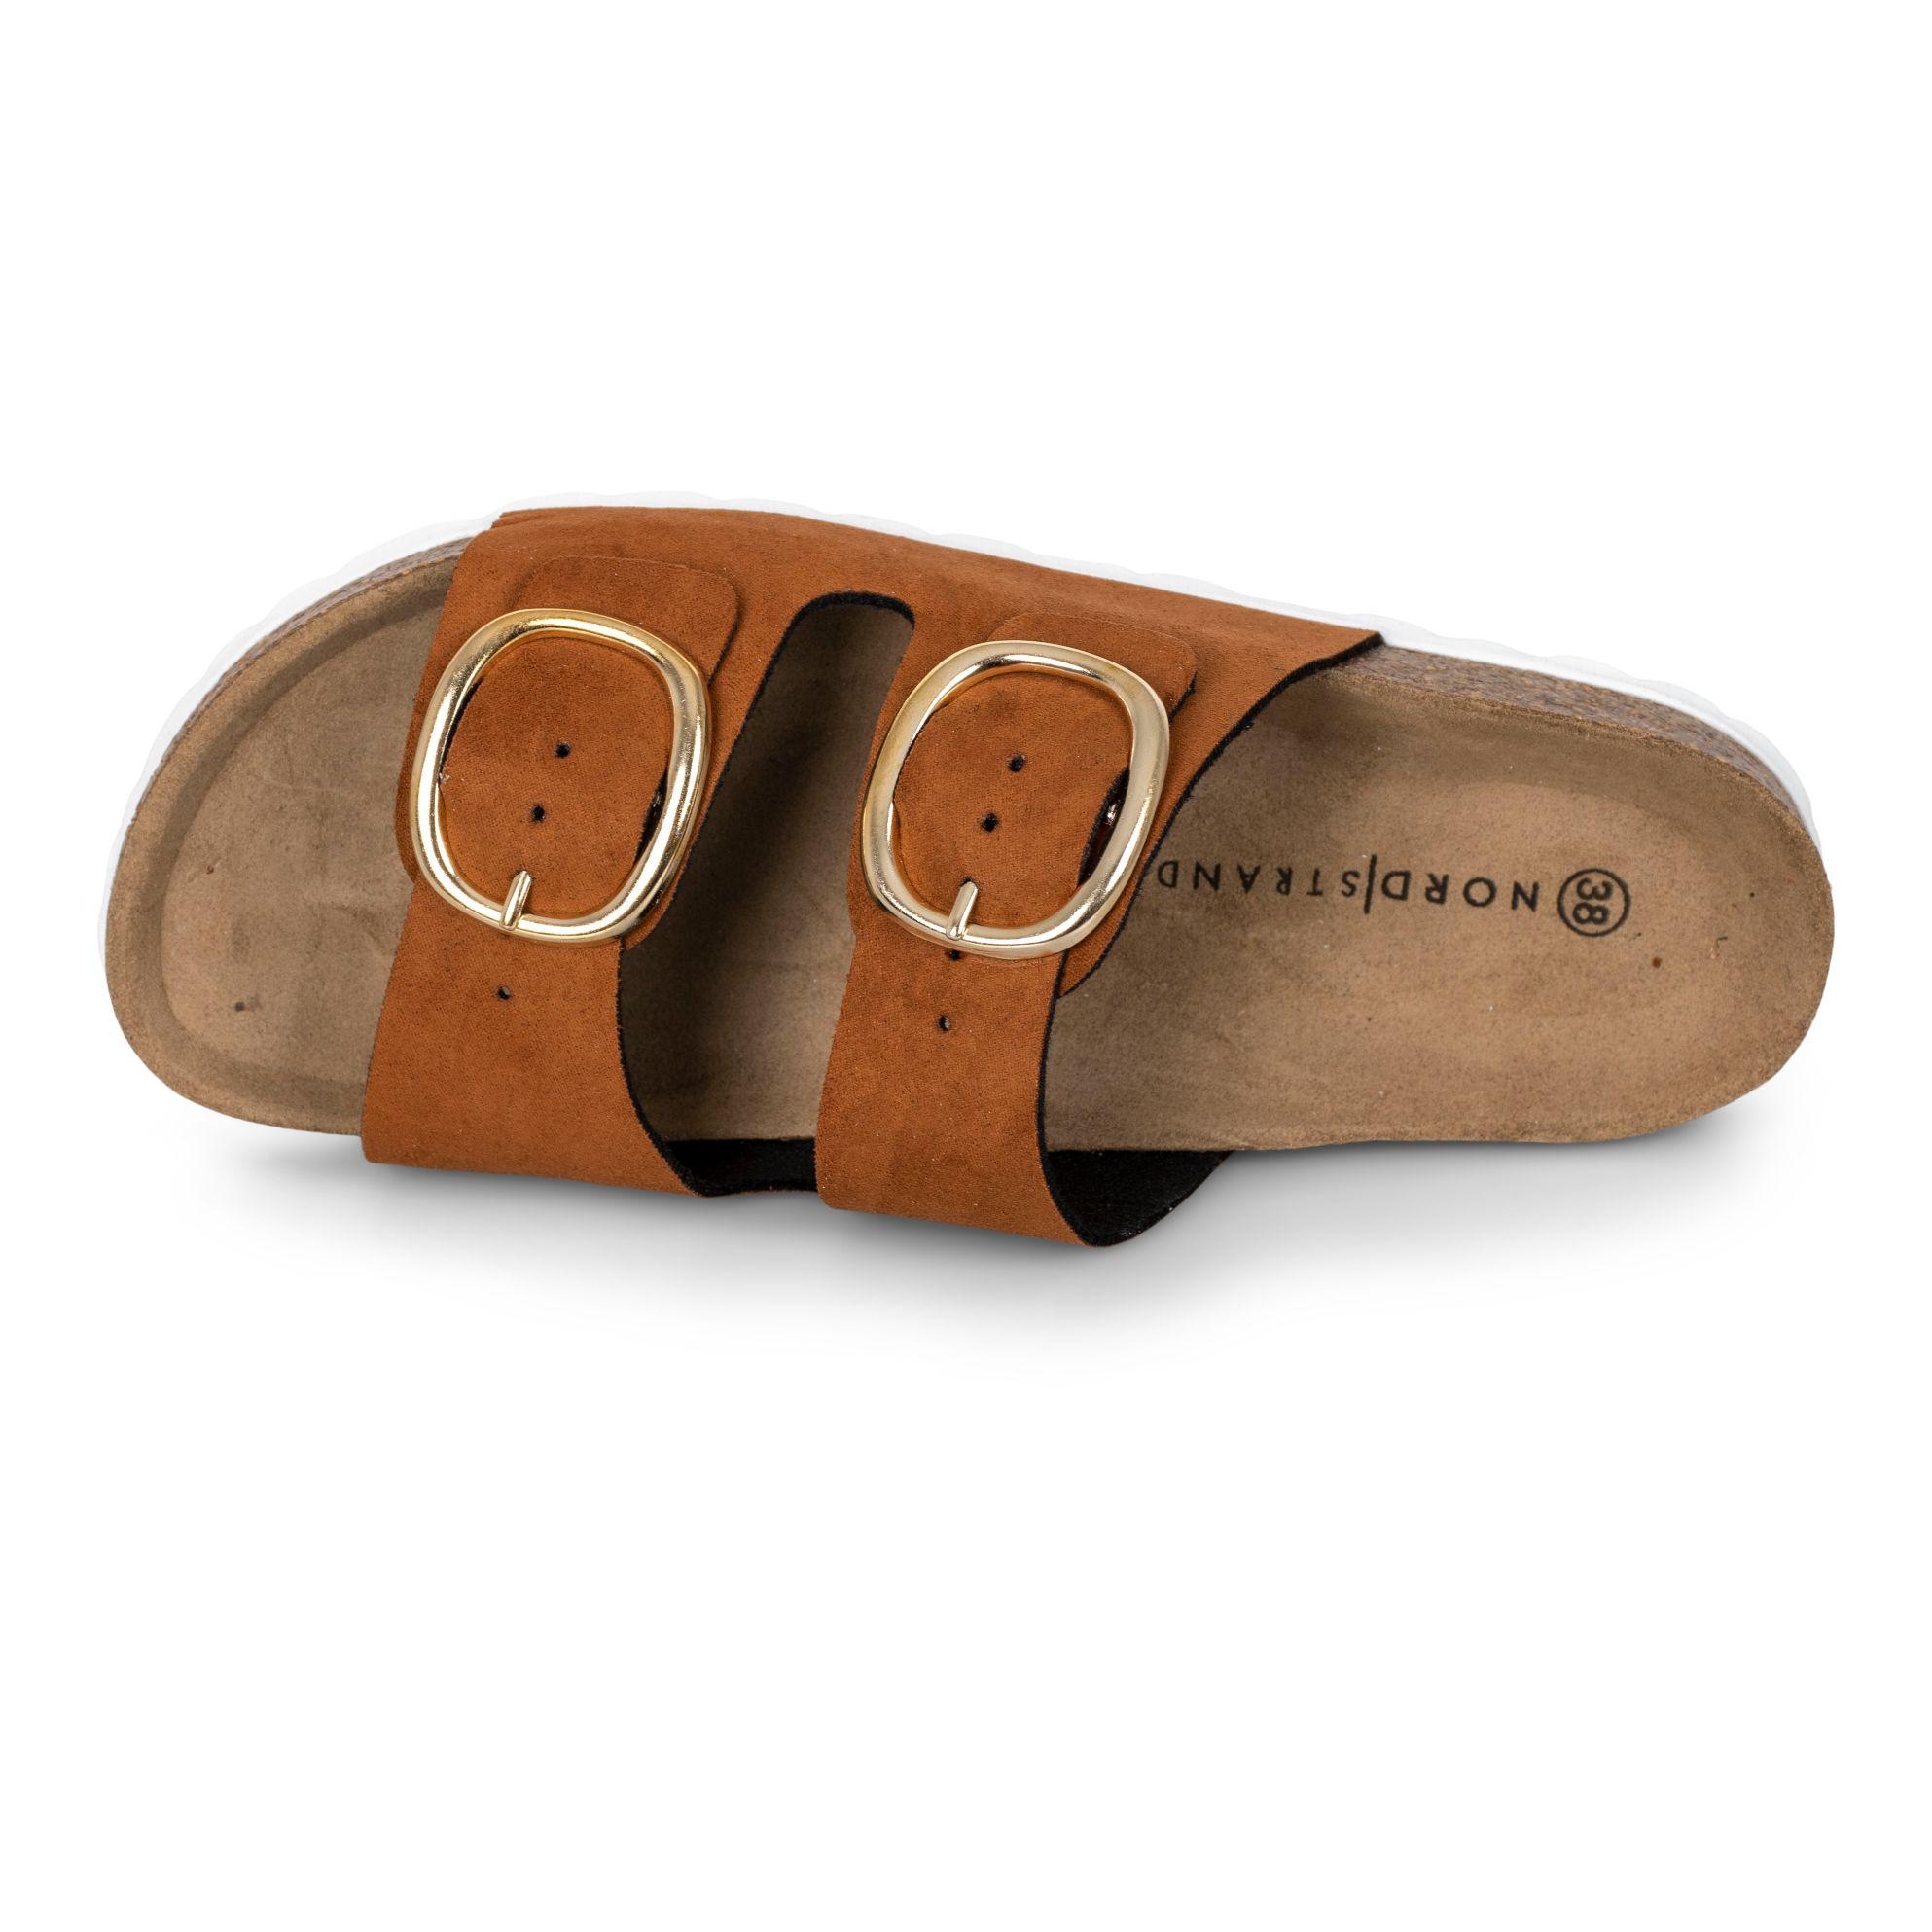 Nordstrand 747 sandal, brown, 31